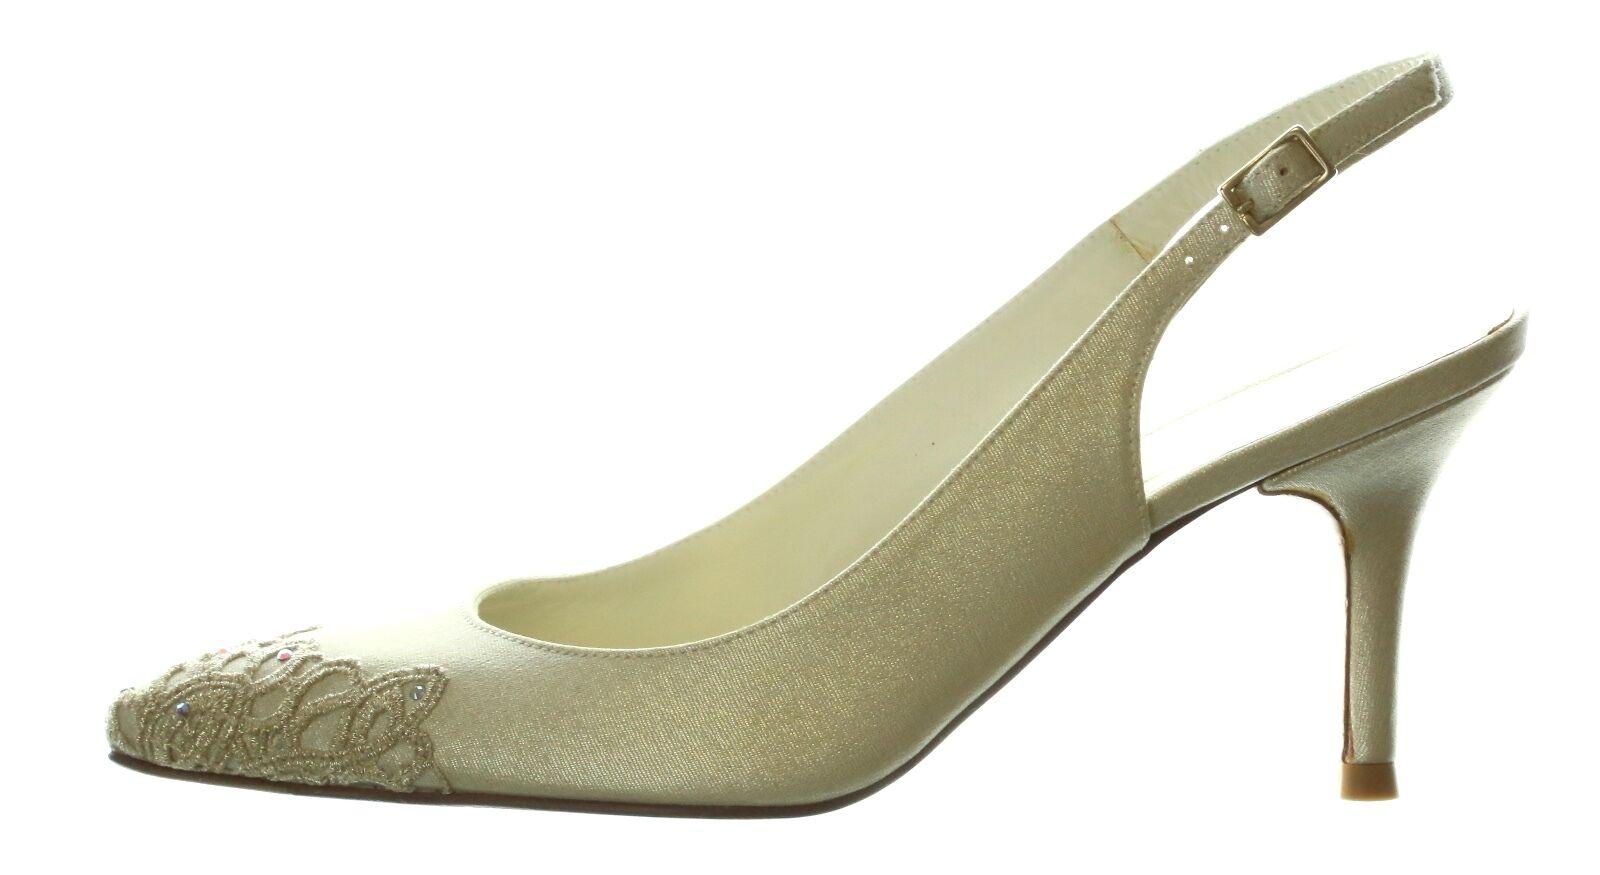 ampia selezione Stuart Weitzman 7215 oro Gloss Gloss Gloss Silk Moonlace Heels Sz 6  con il prezzo economico per ottenere la migliore marca